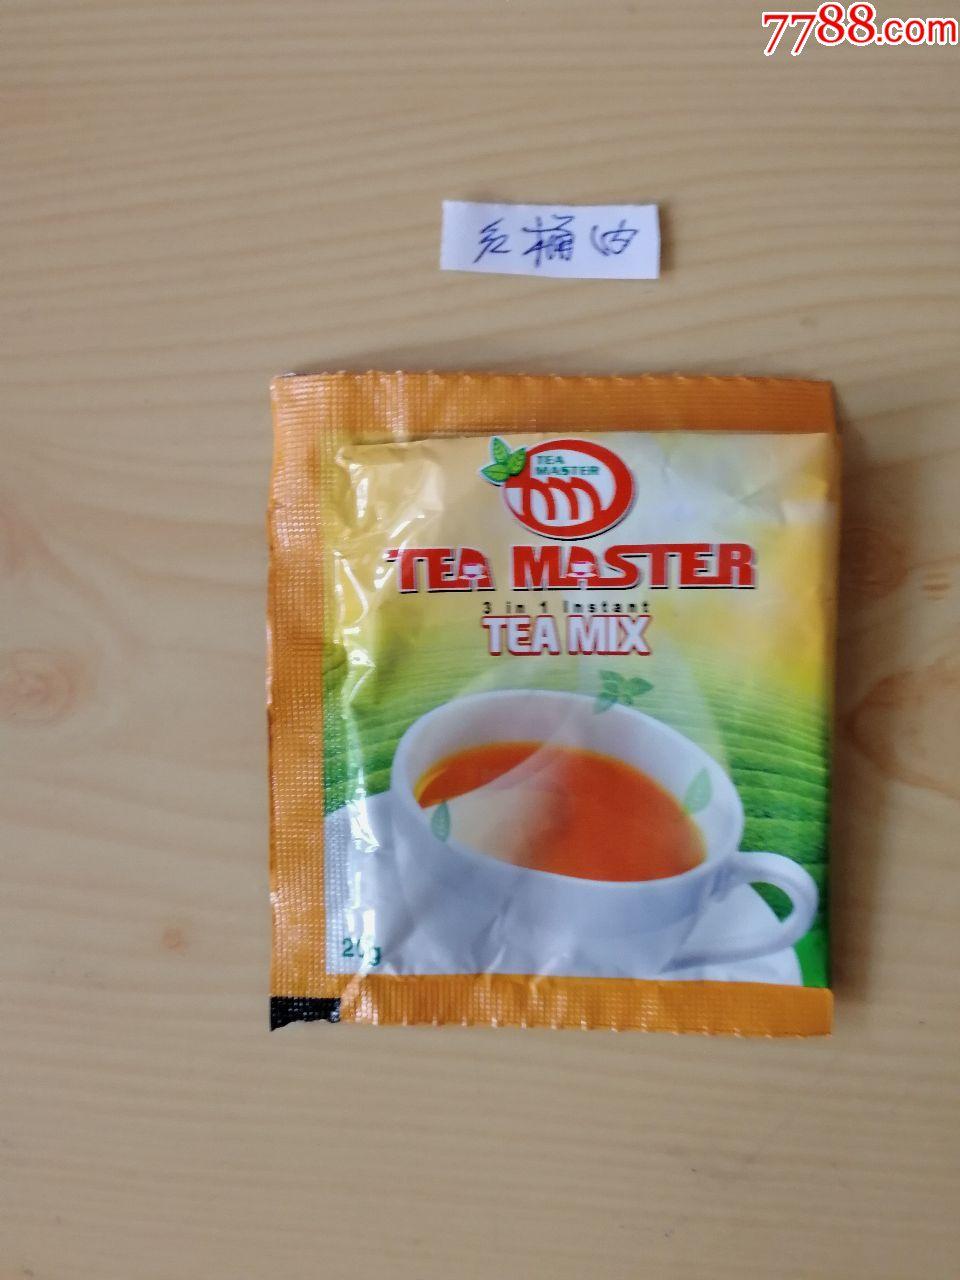 外��茶�耍�奶茶)【已剪口空袋】�甸名牌TEA_MASTER【奶茶�恕�(au17579563)_